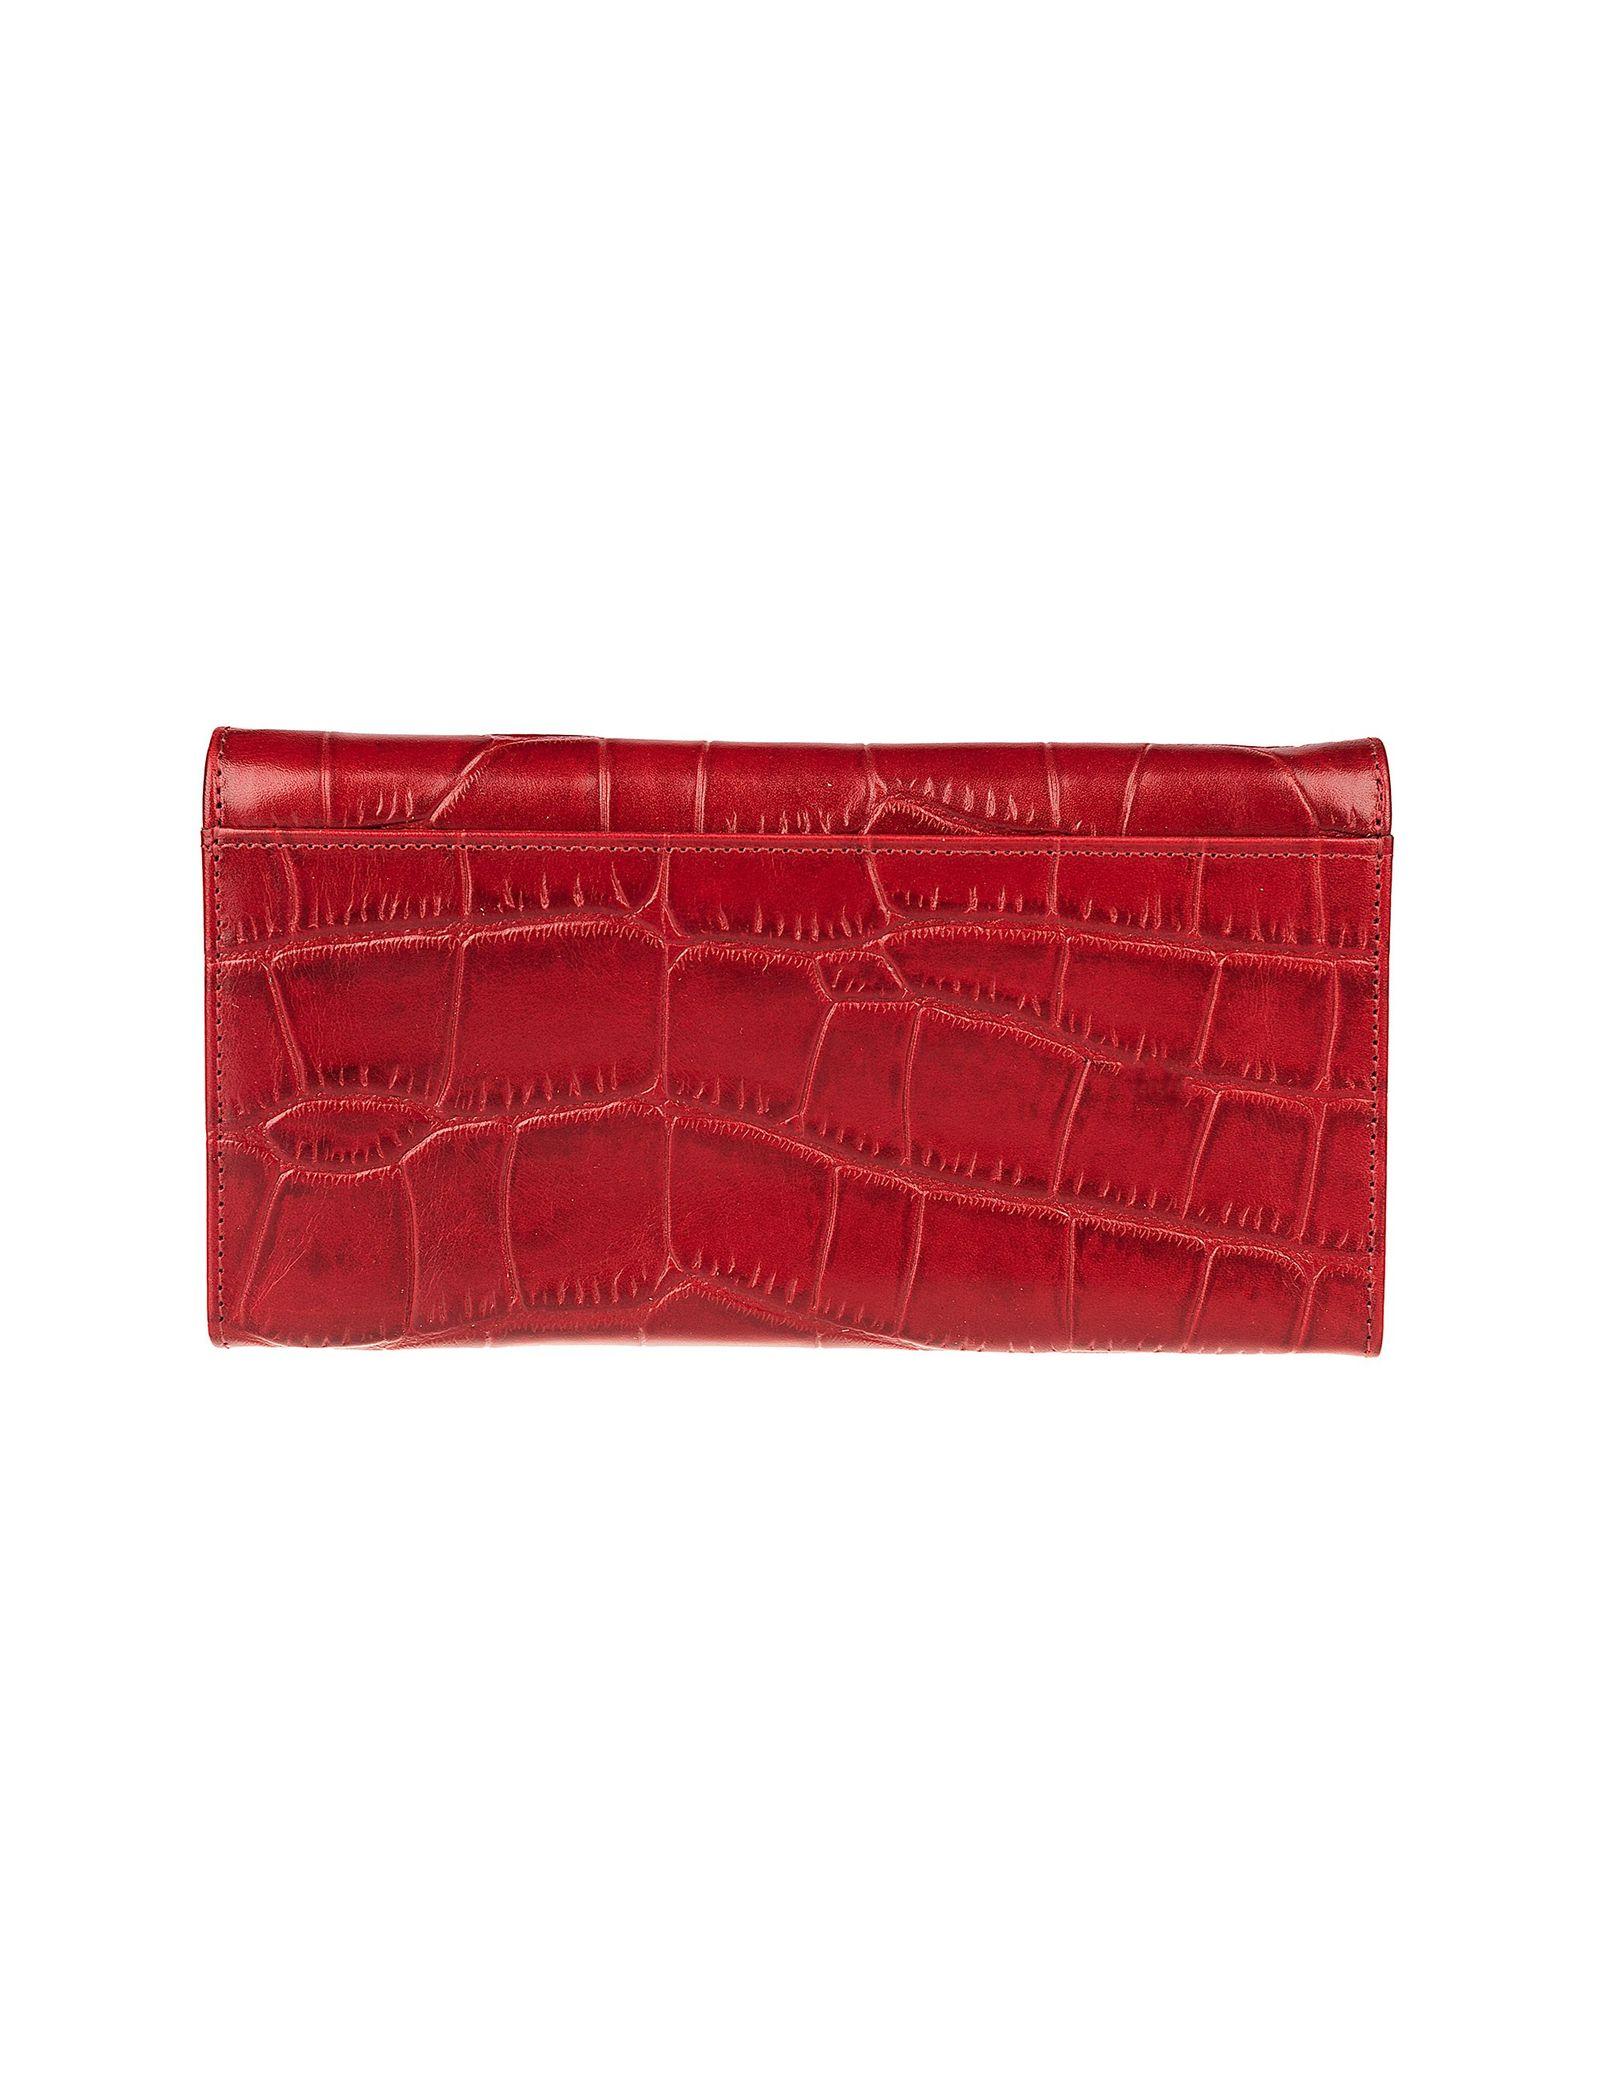 کیف پول چرم زنانه - شهر چرم - قرمز - 2